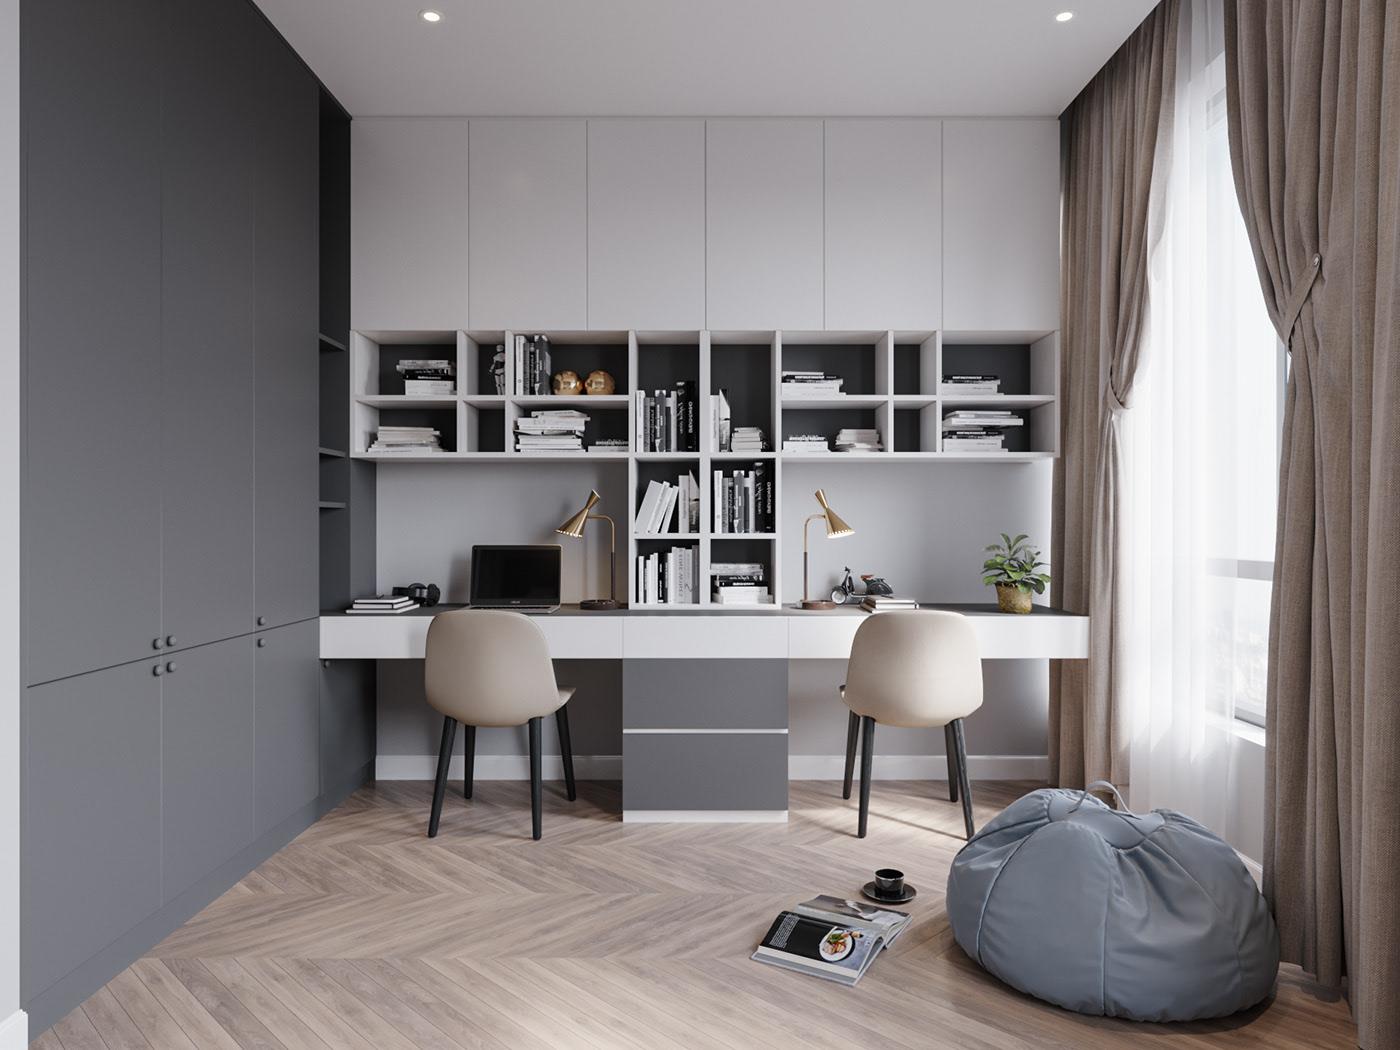 Tư vấn thiết kế nhà 2 tầng có diện tích 42m² gồm 2 phòng ngủ hiện đại với chi phí 164 triệu đồng - Ảnh 11.